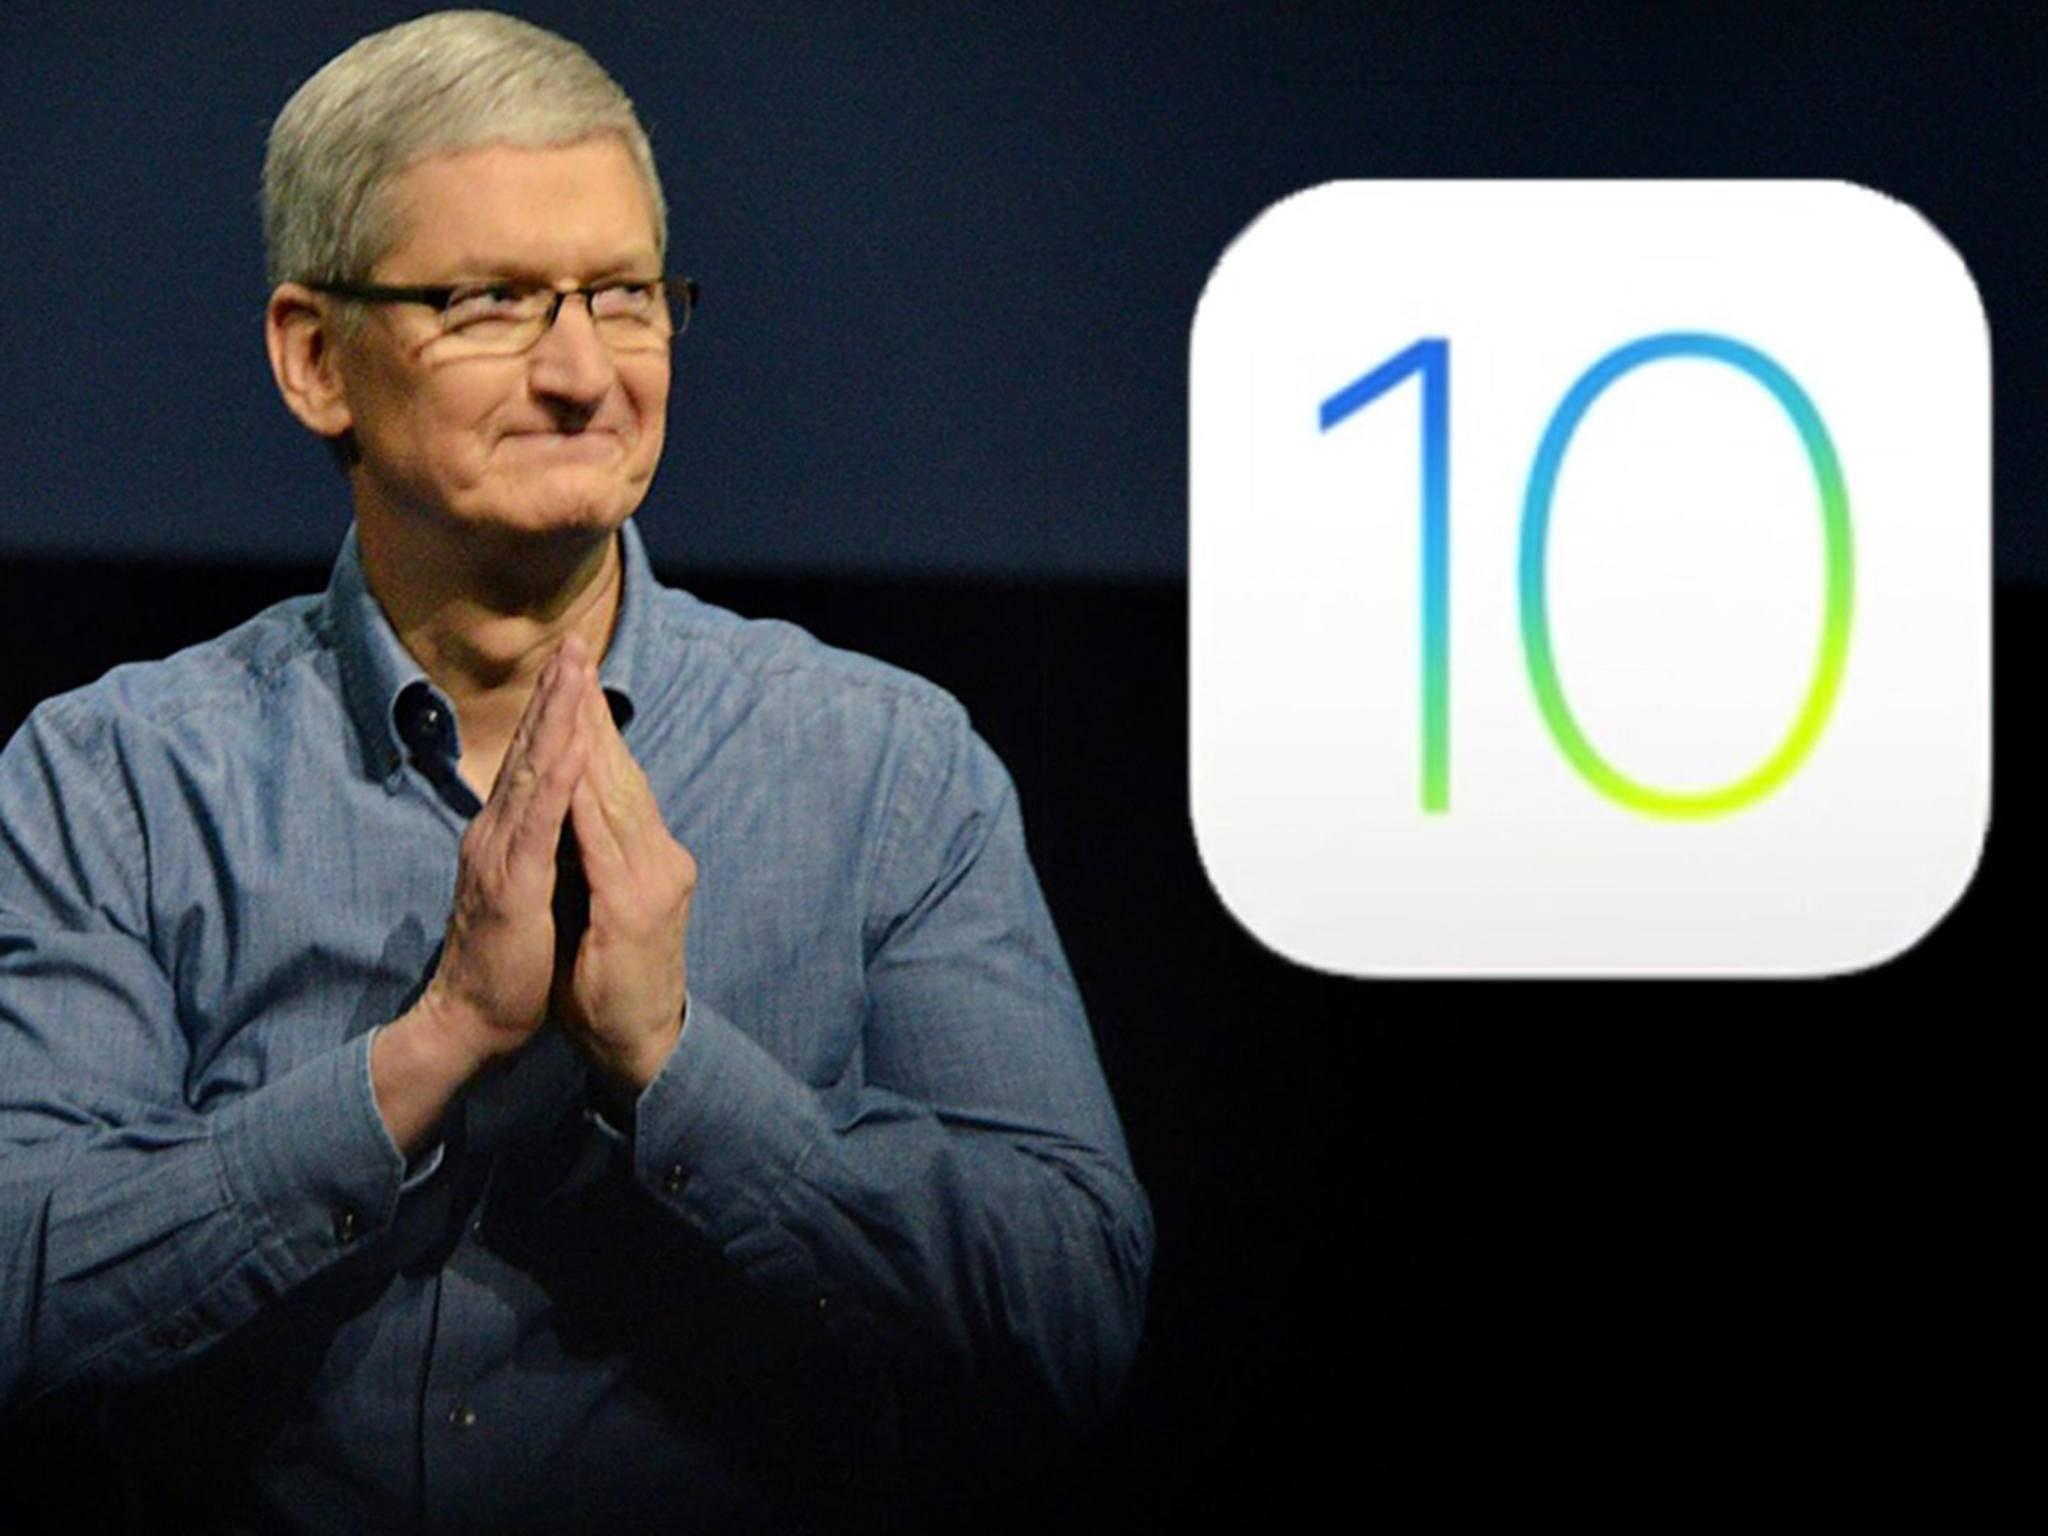 Die neueste iOS 10 Beta läuft stabiler als die vorherigen Versionen.